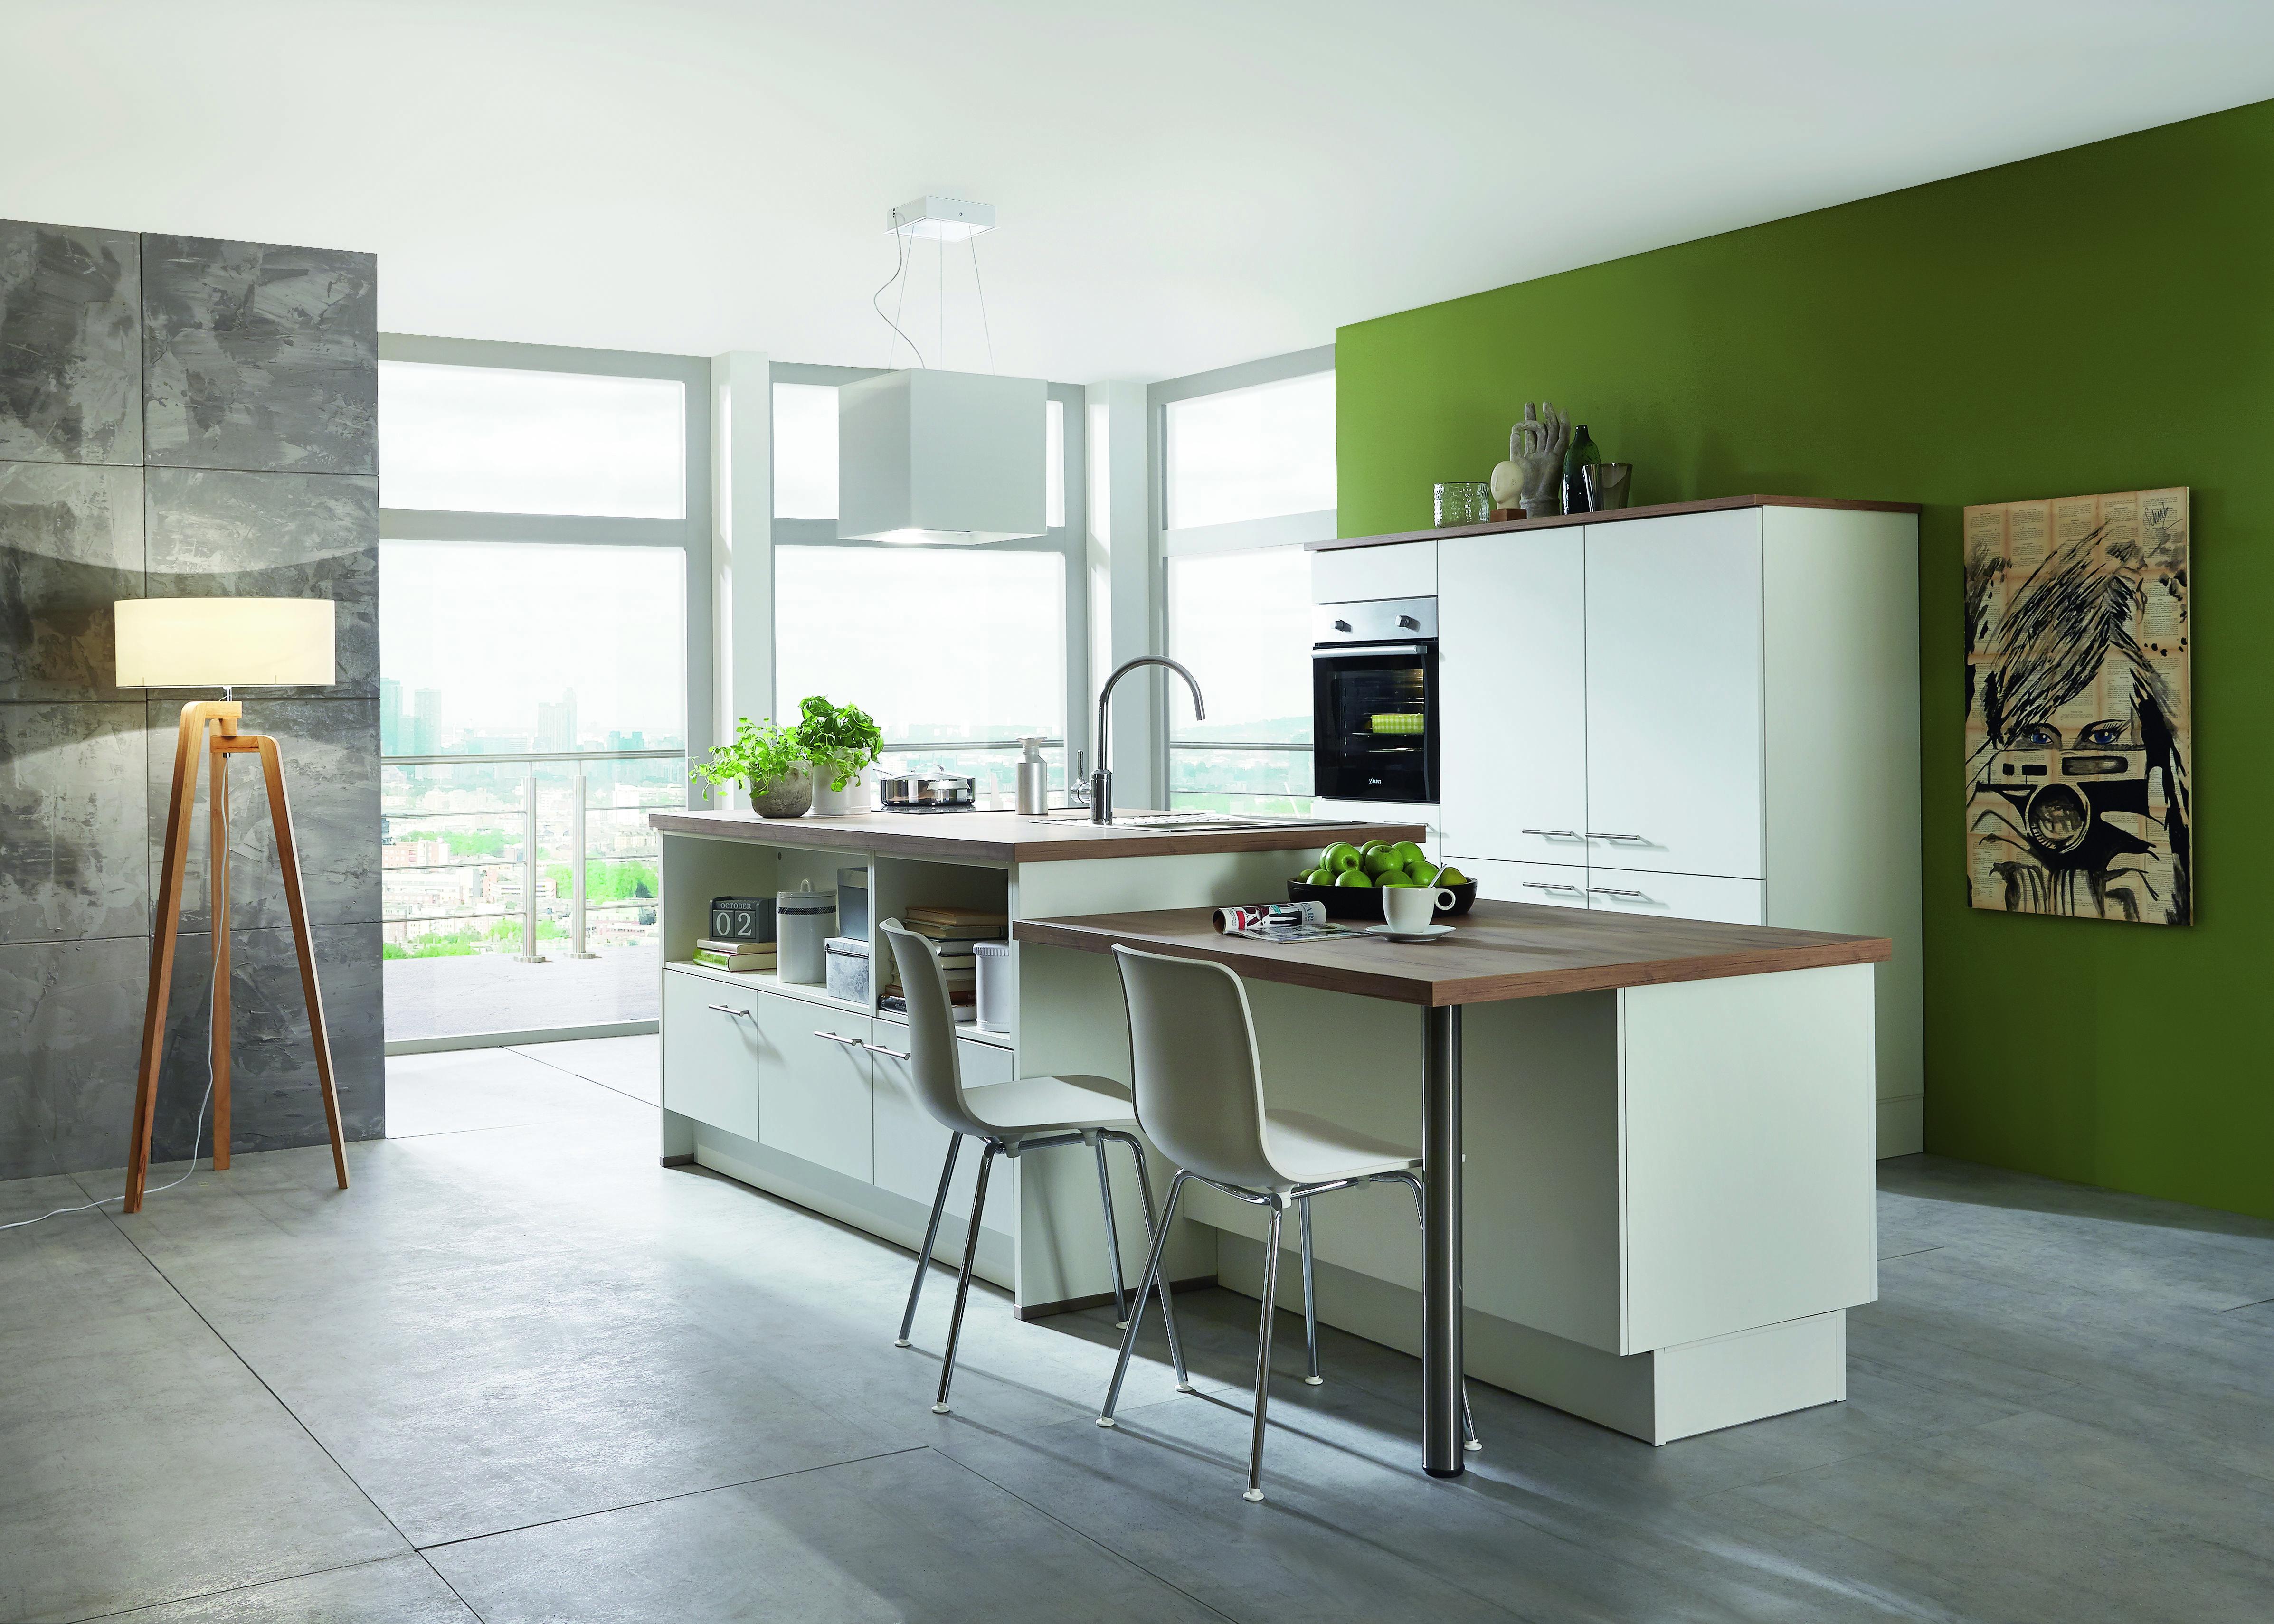 Küchentrend Scandi - So zieht das Hygge-Gefühl in skandinavische